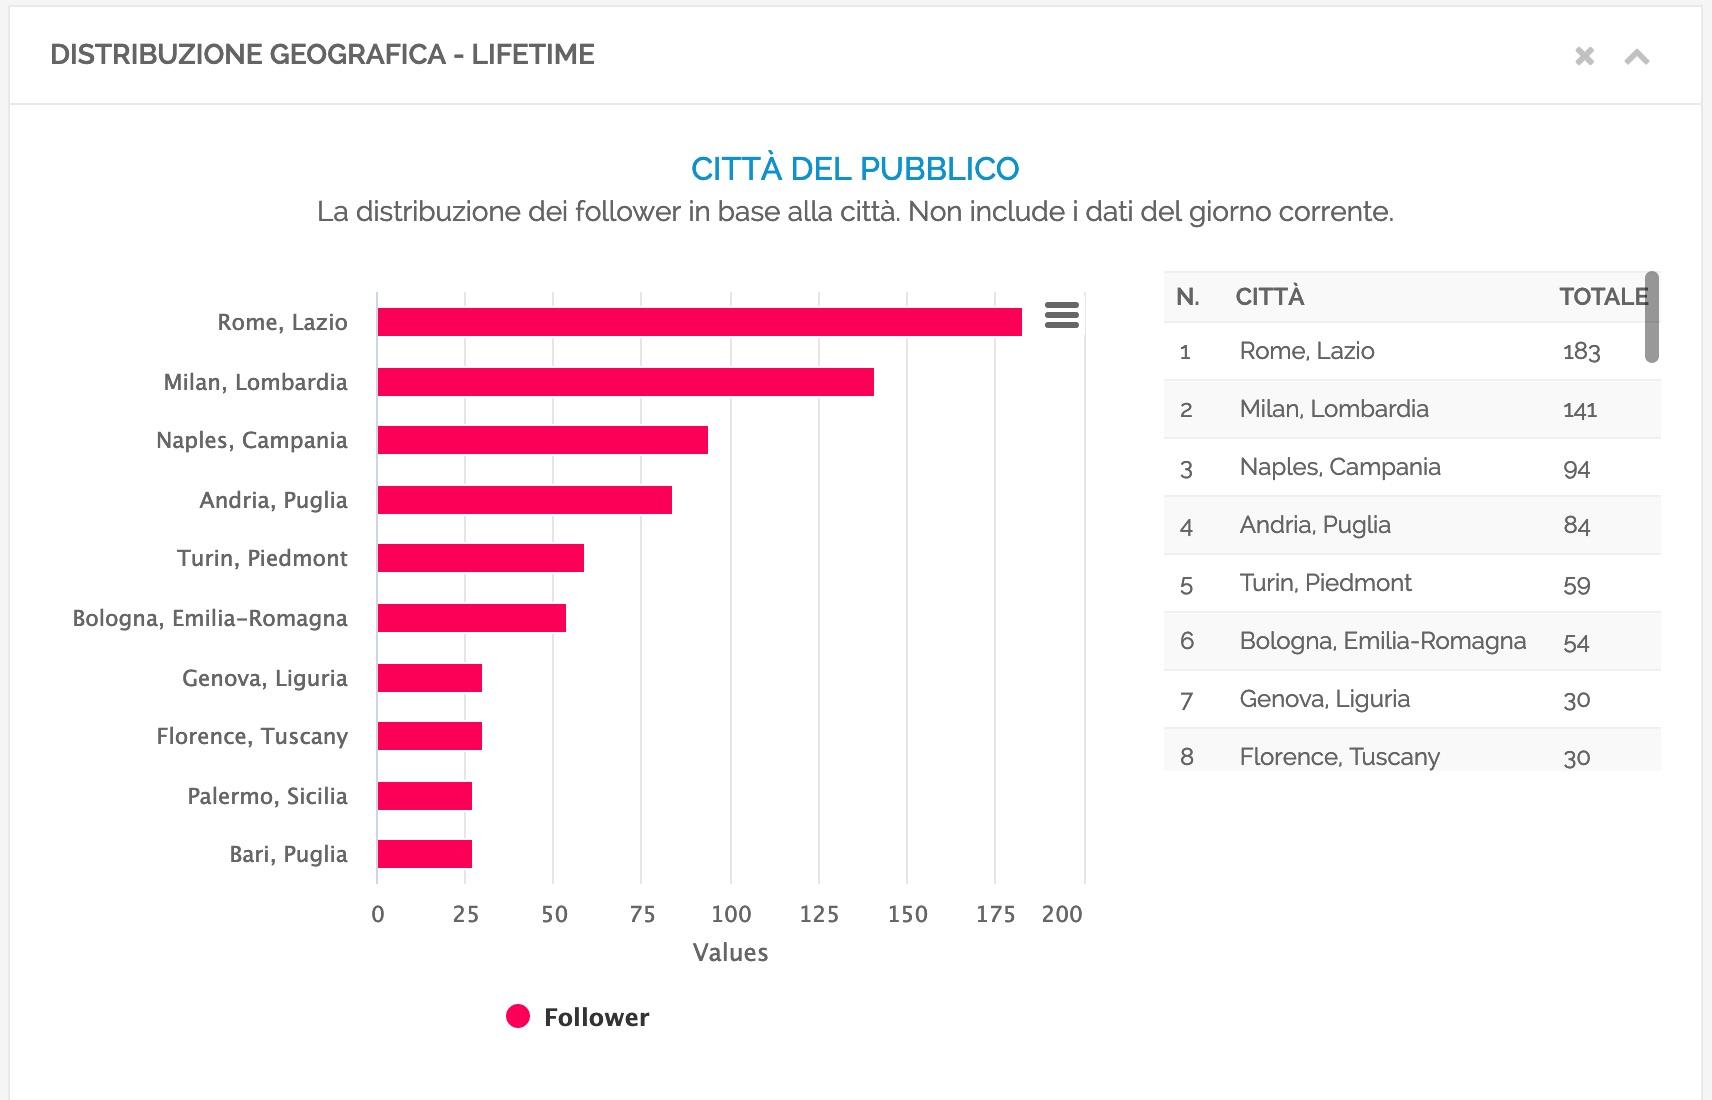 Grafico della ripartizione dei follower per città